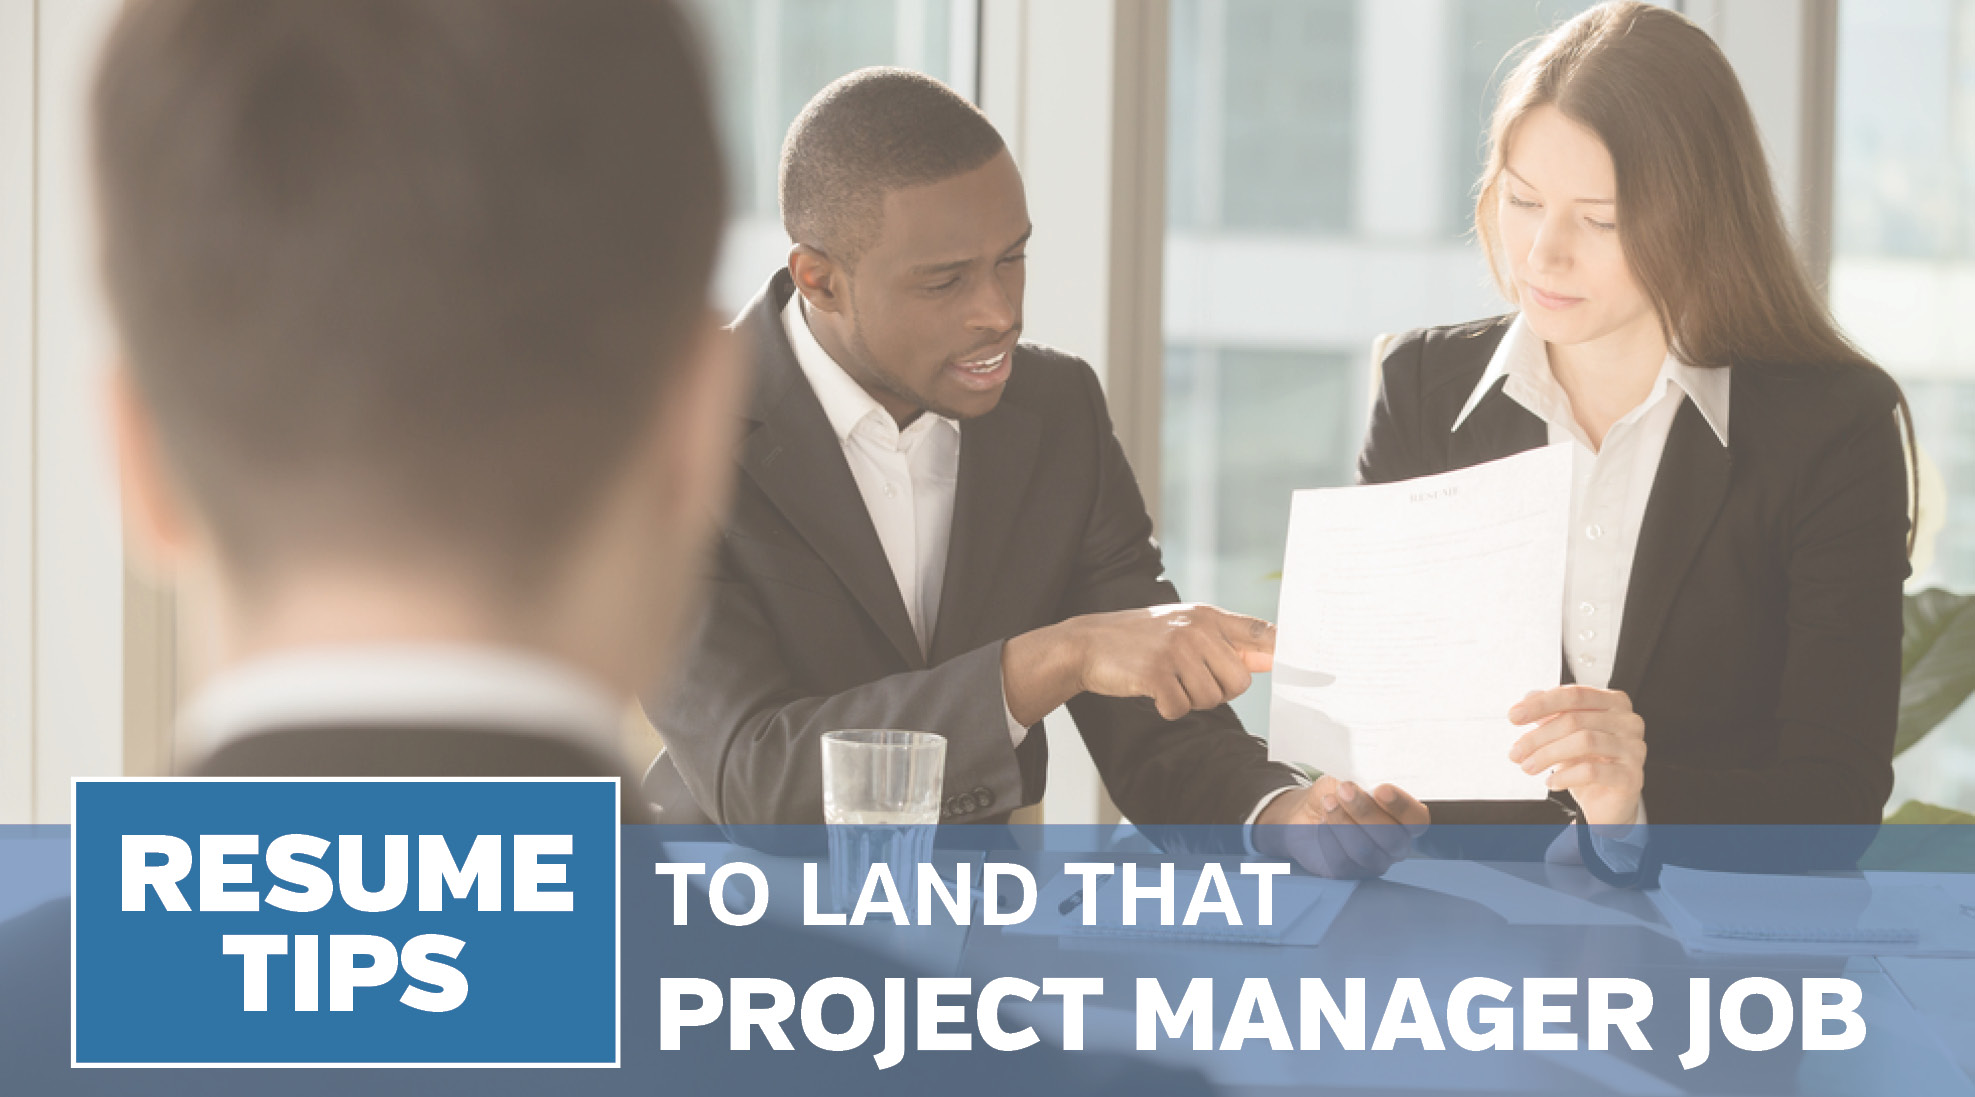 job application project management skills blurb